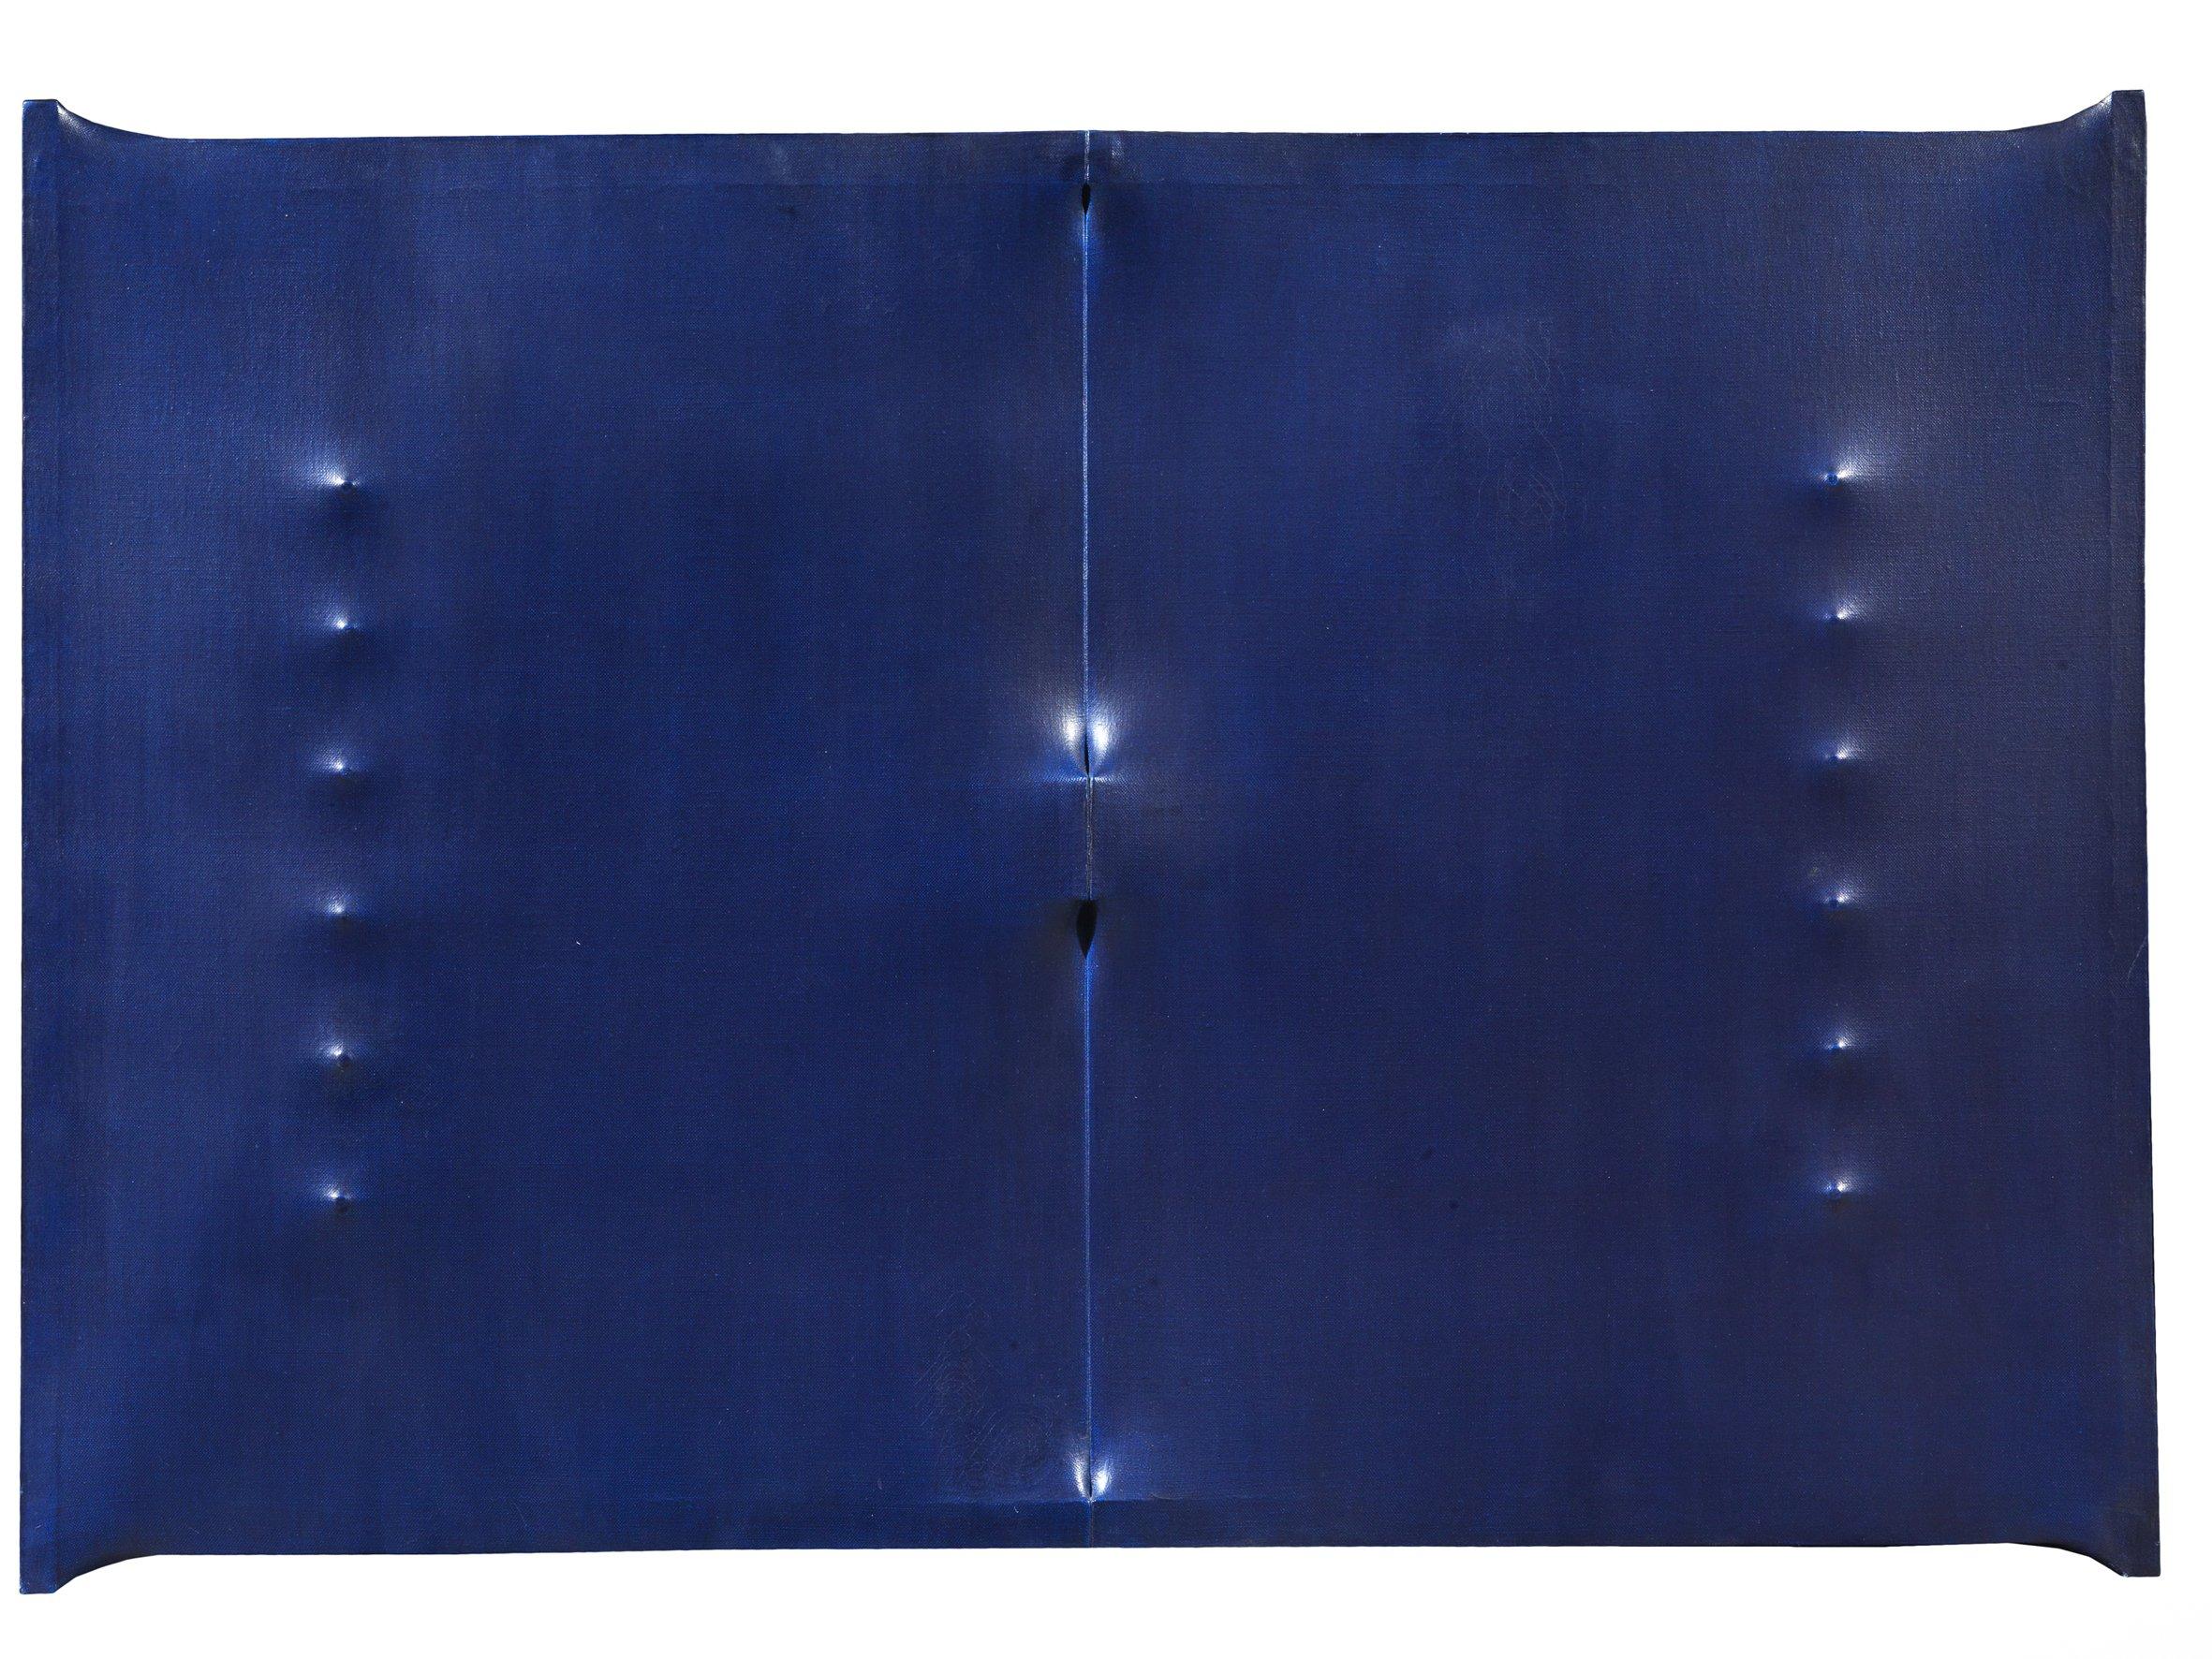 Enrico Castellani, Superficie blu scuro, 1963, acrylique sur toile extroflexe, 84x120x5 cm